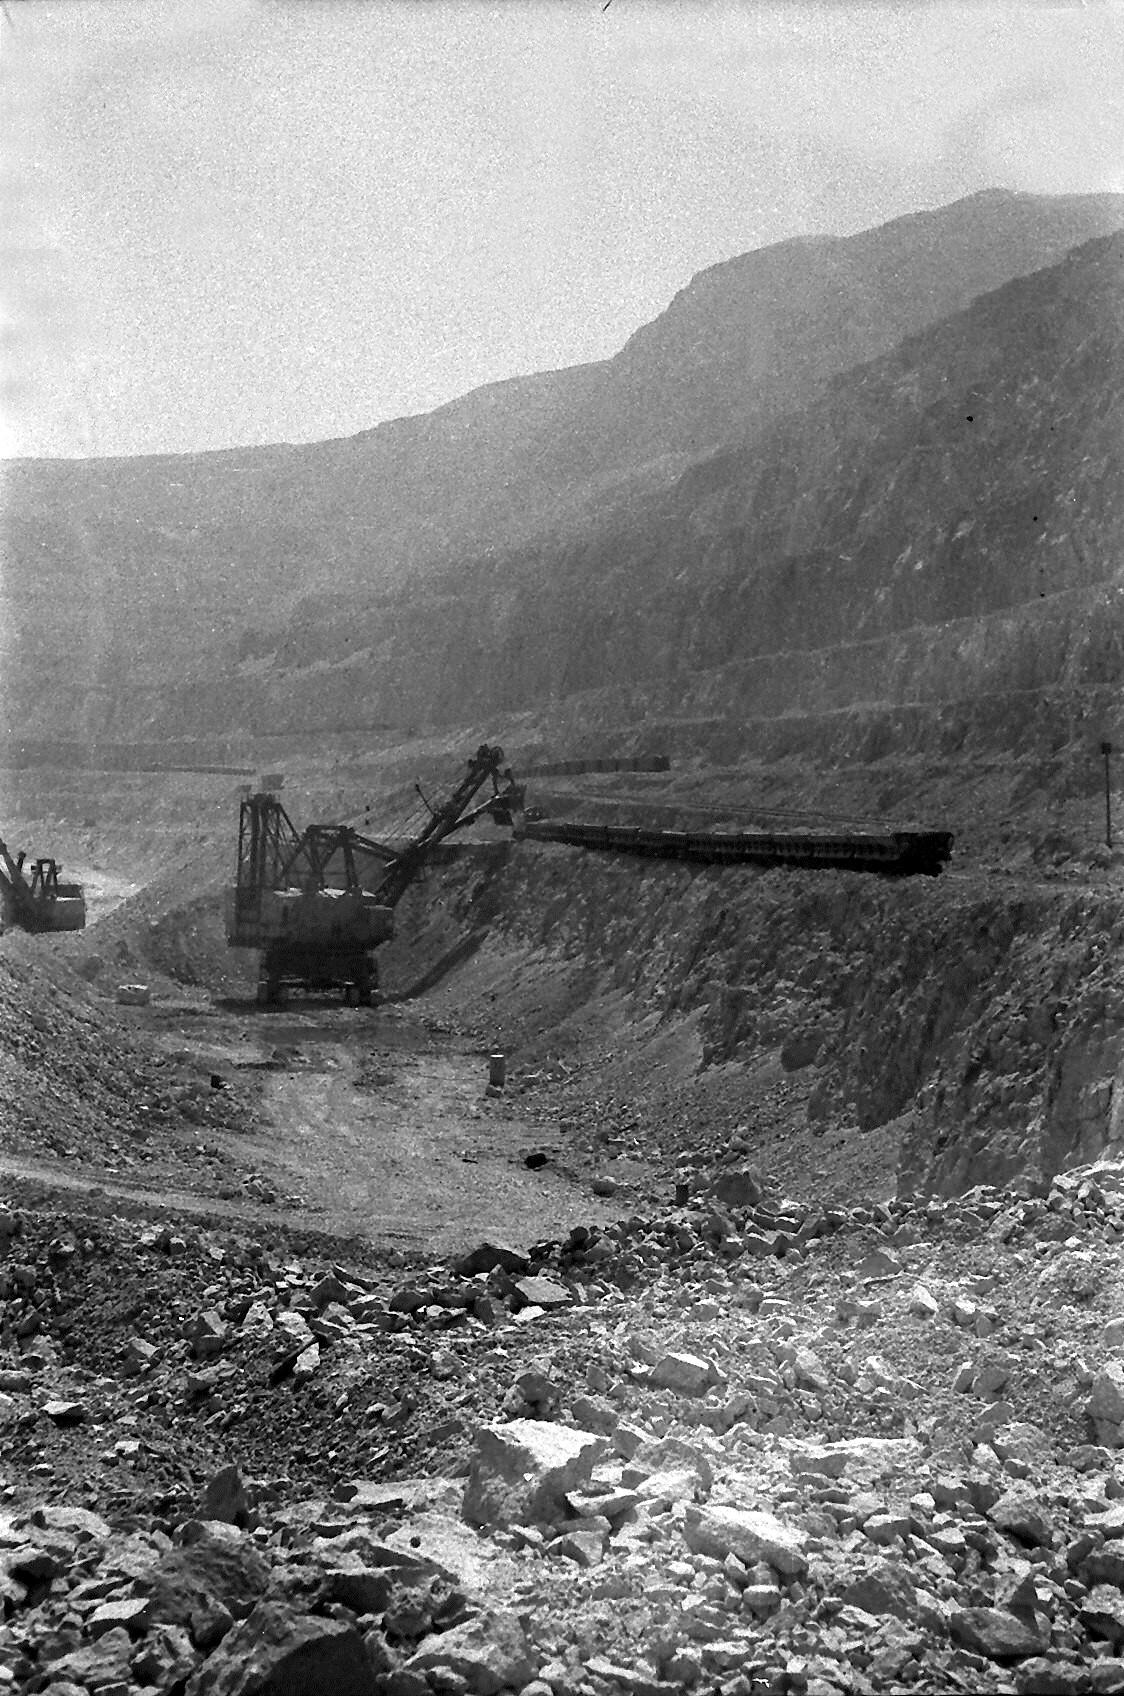 Enterreno - Fotos históricas de chile - fotos antiguas de Chile - Chuquicamata en 1968